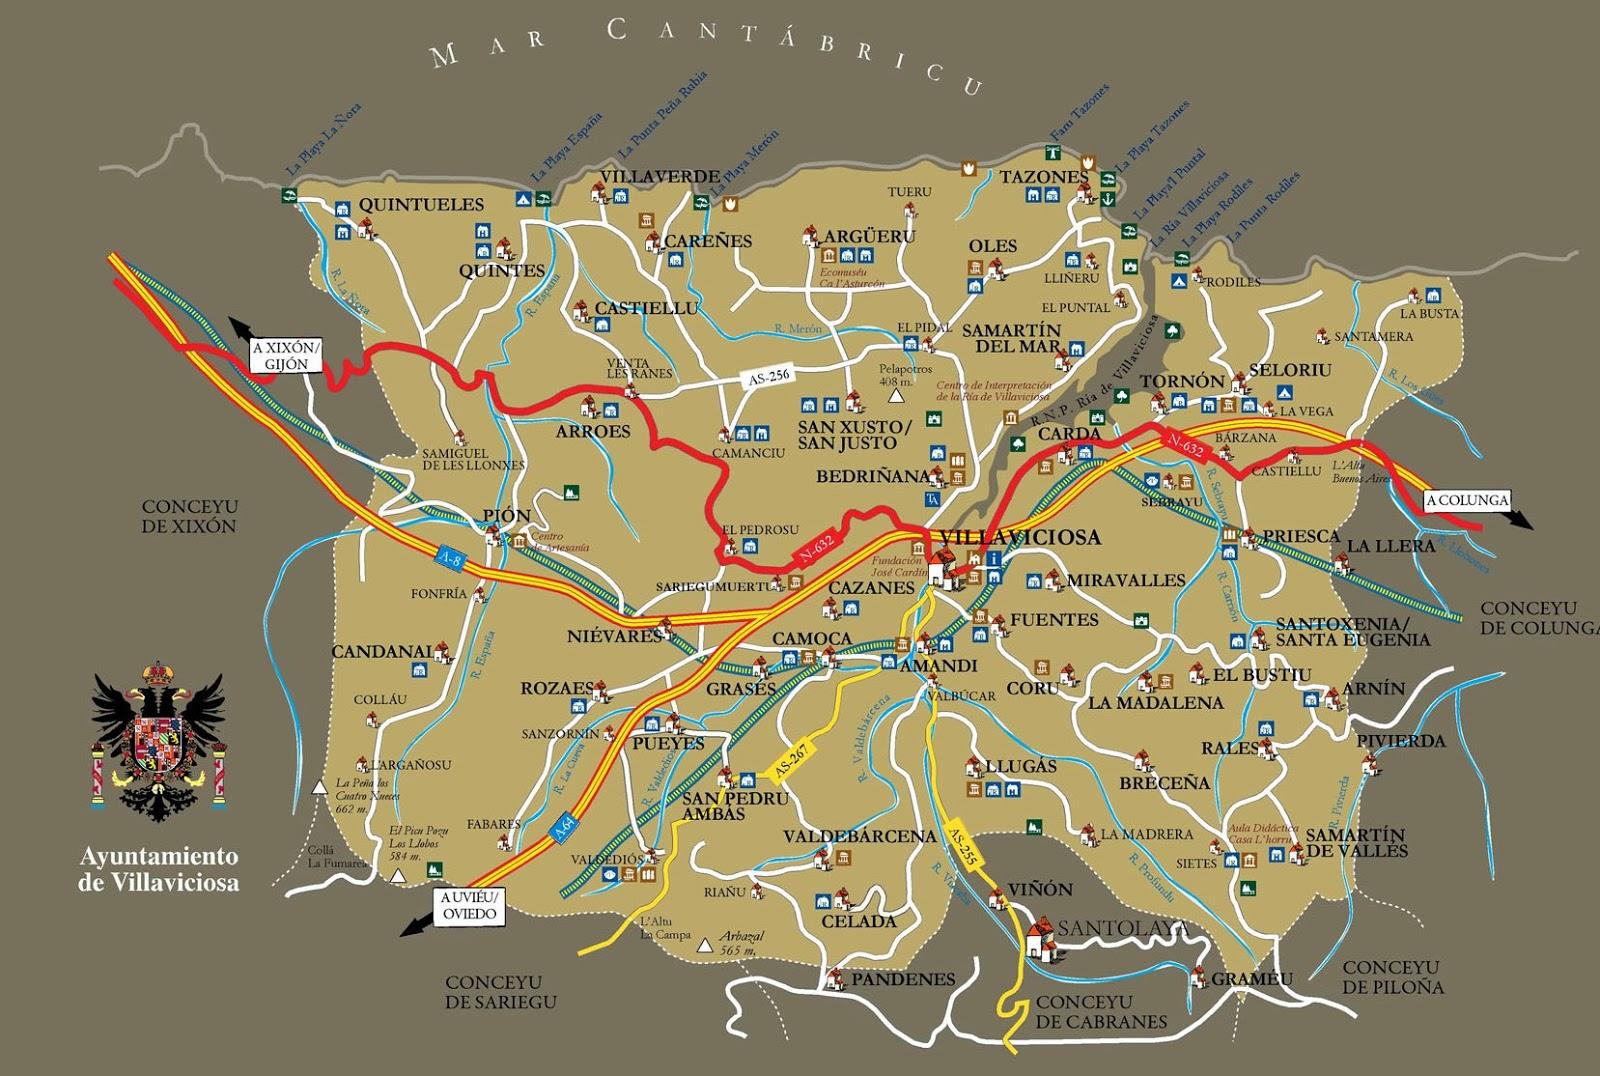 Mapa del Concejo de Villaviciosa  As ye Asturias